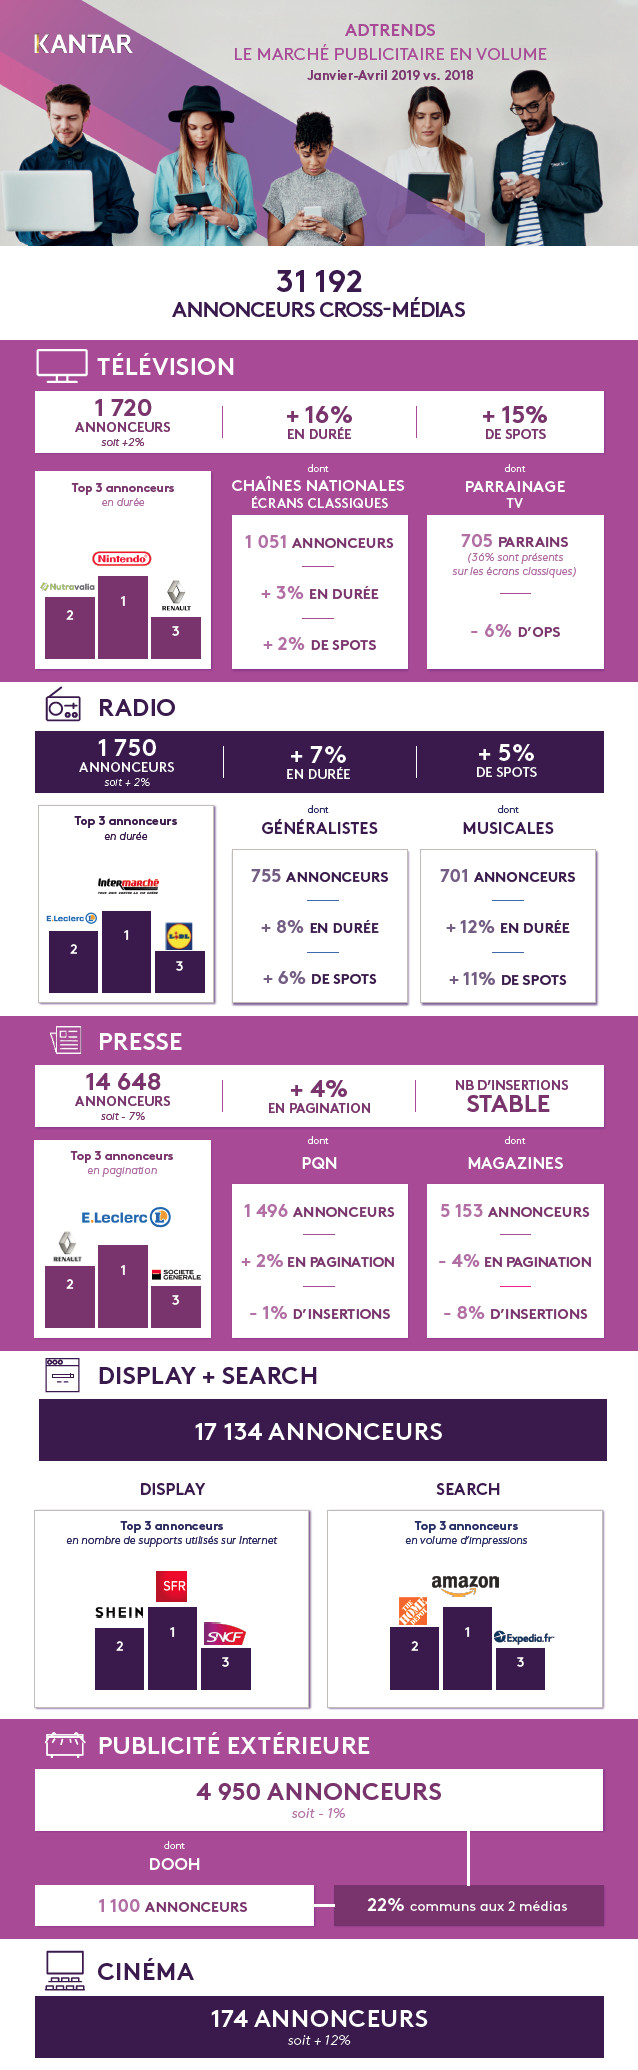 AdTrends : le marché publicitaire en volume